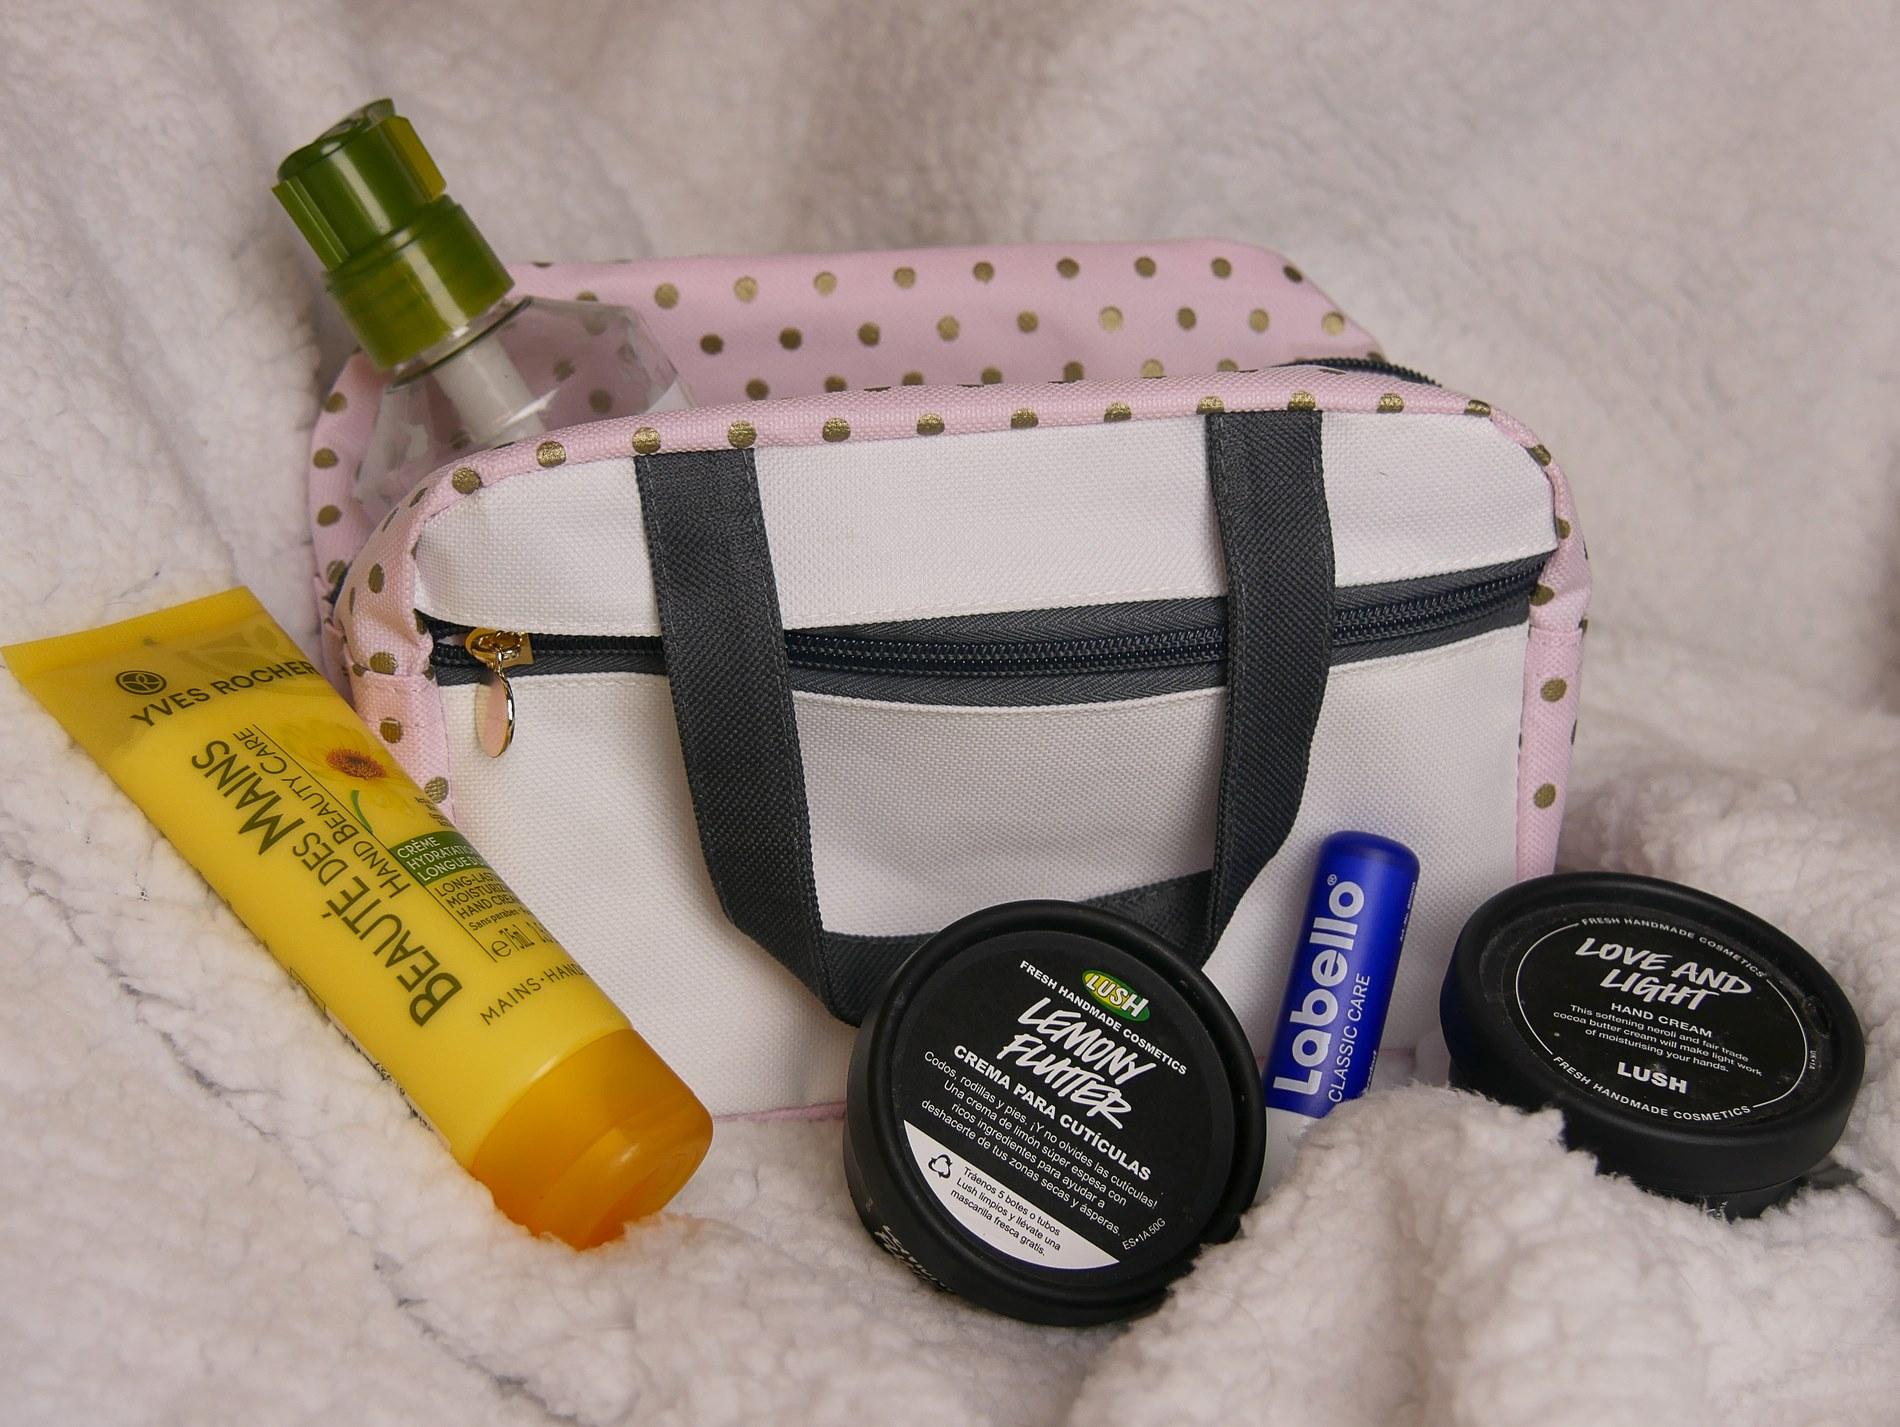 produits pour lutter contre le froid - juliesliberties